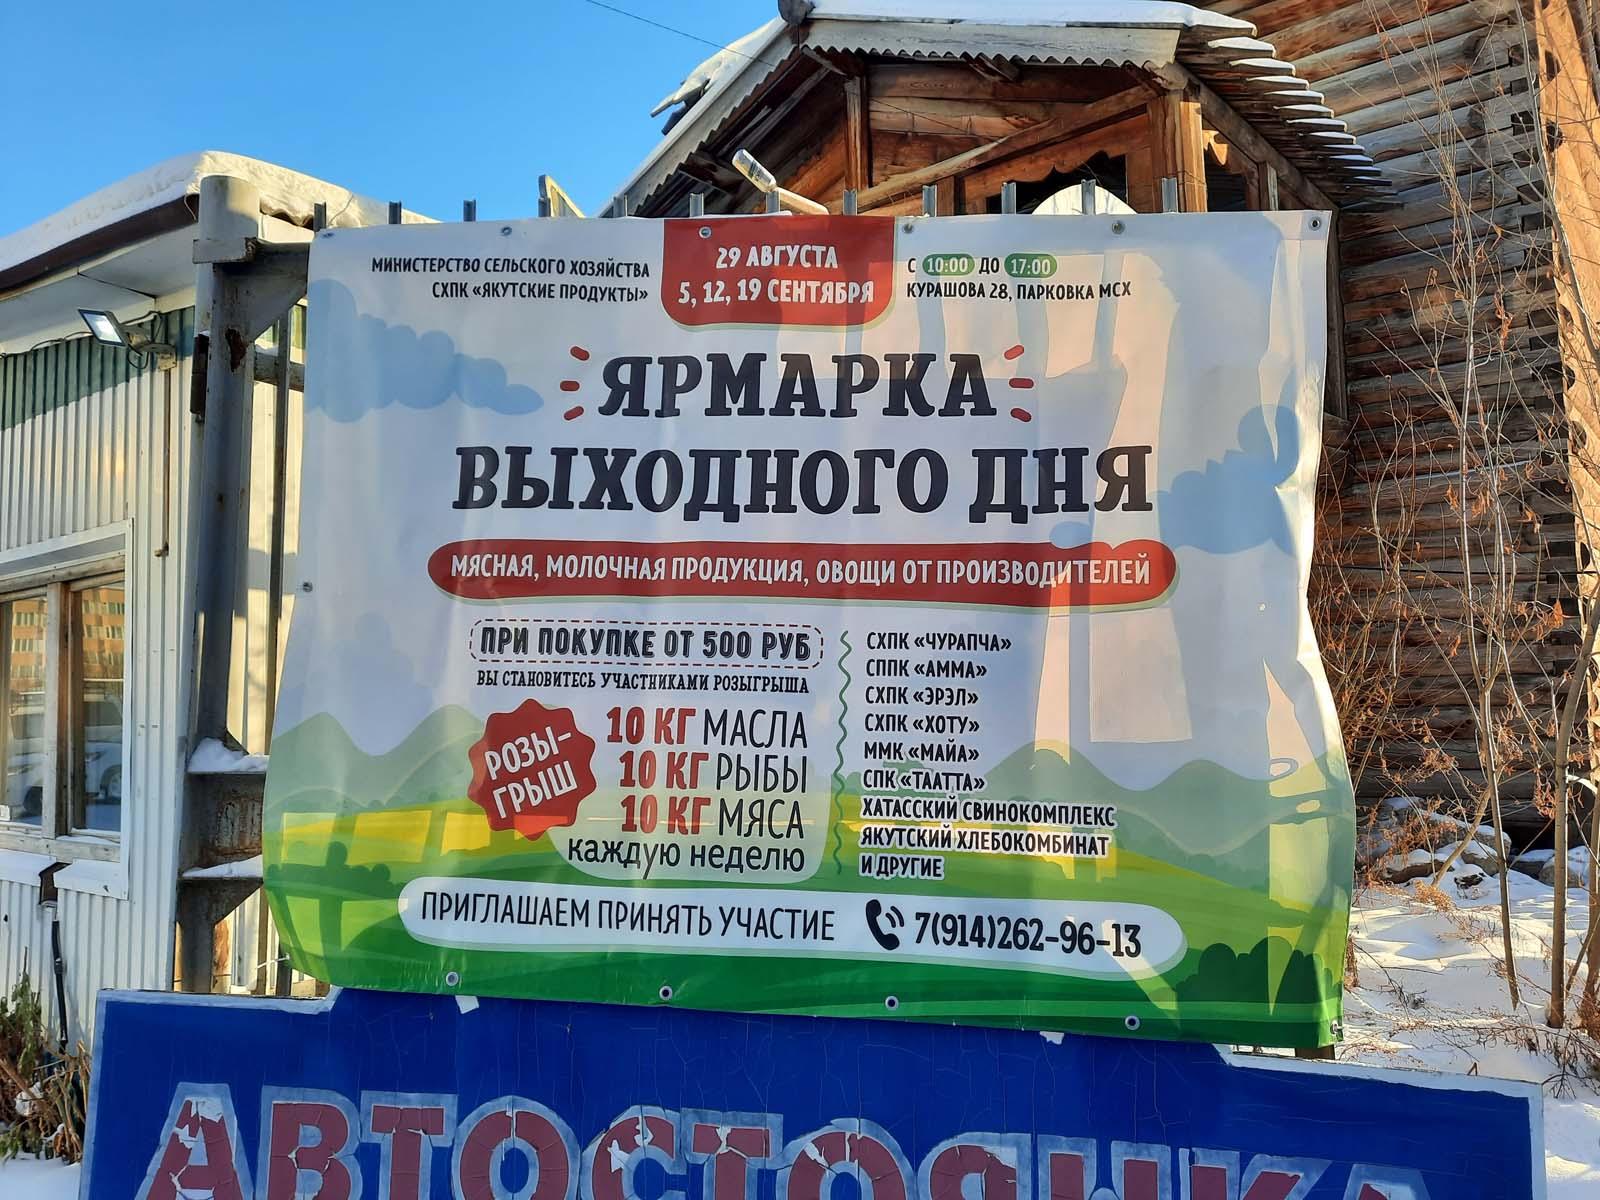 Ярмарка выходного дня в Якутске 28 ноября 2020 года!